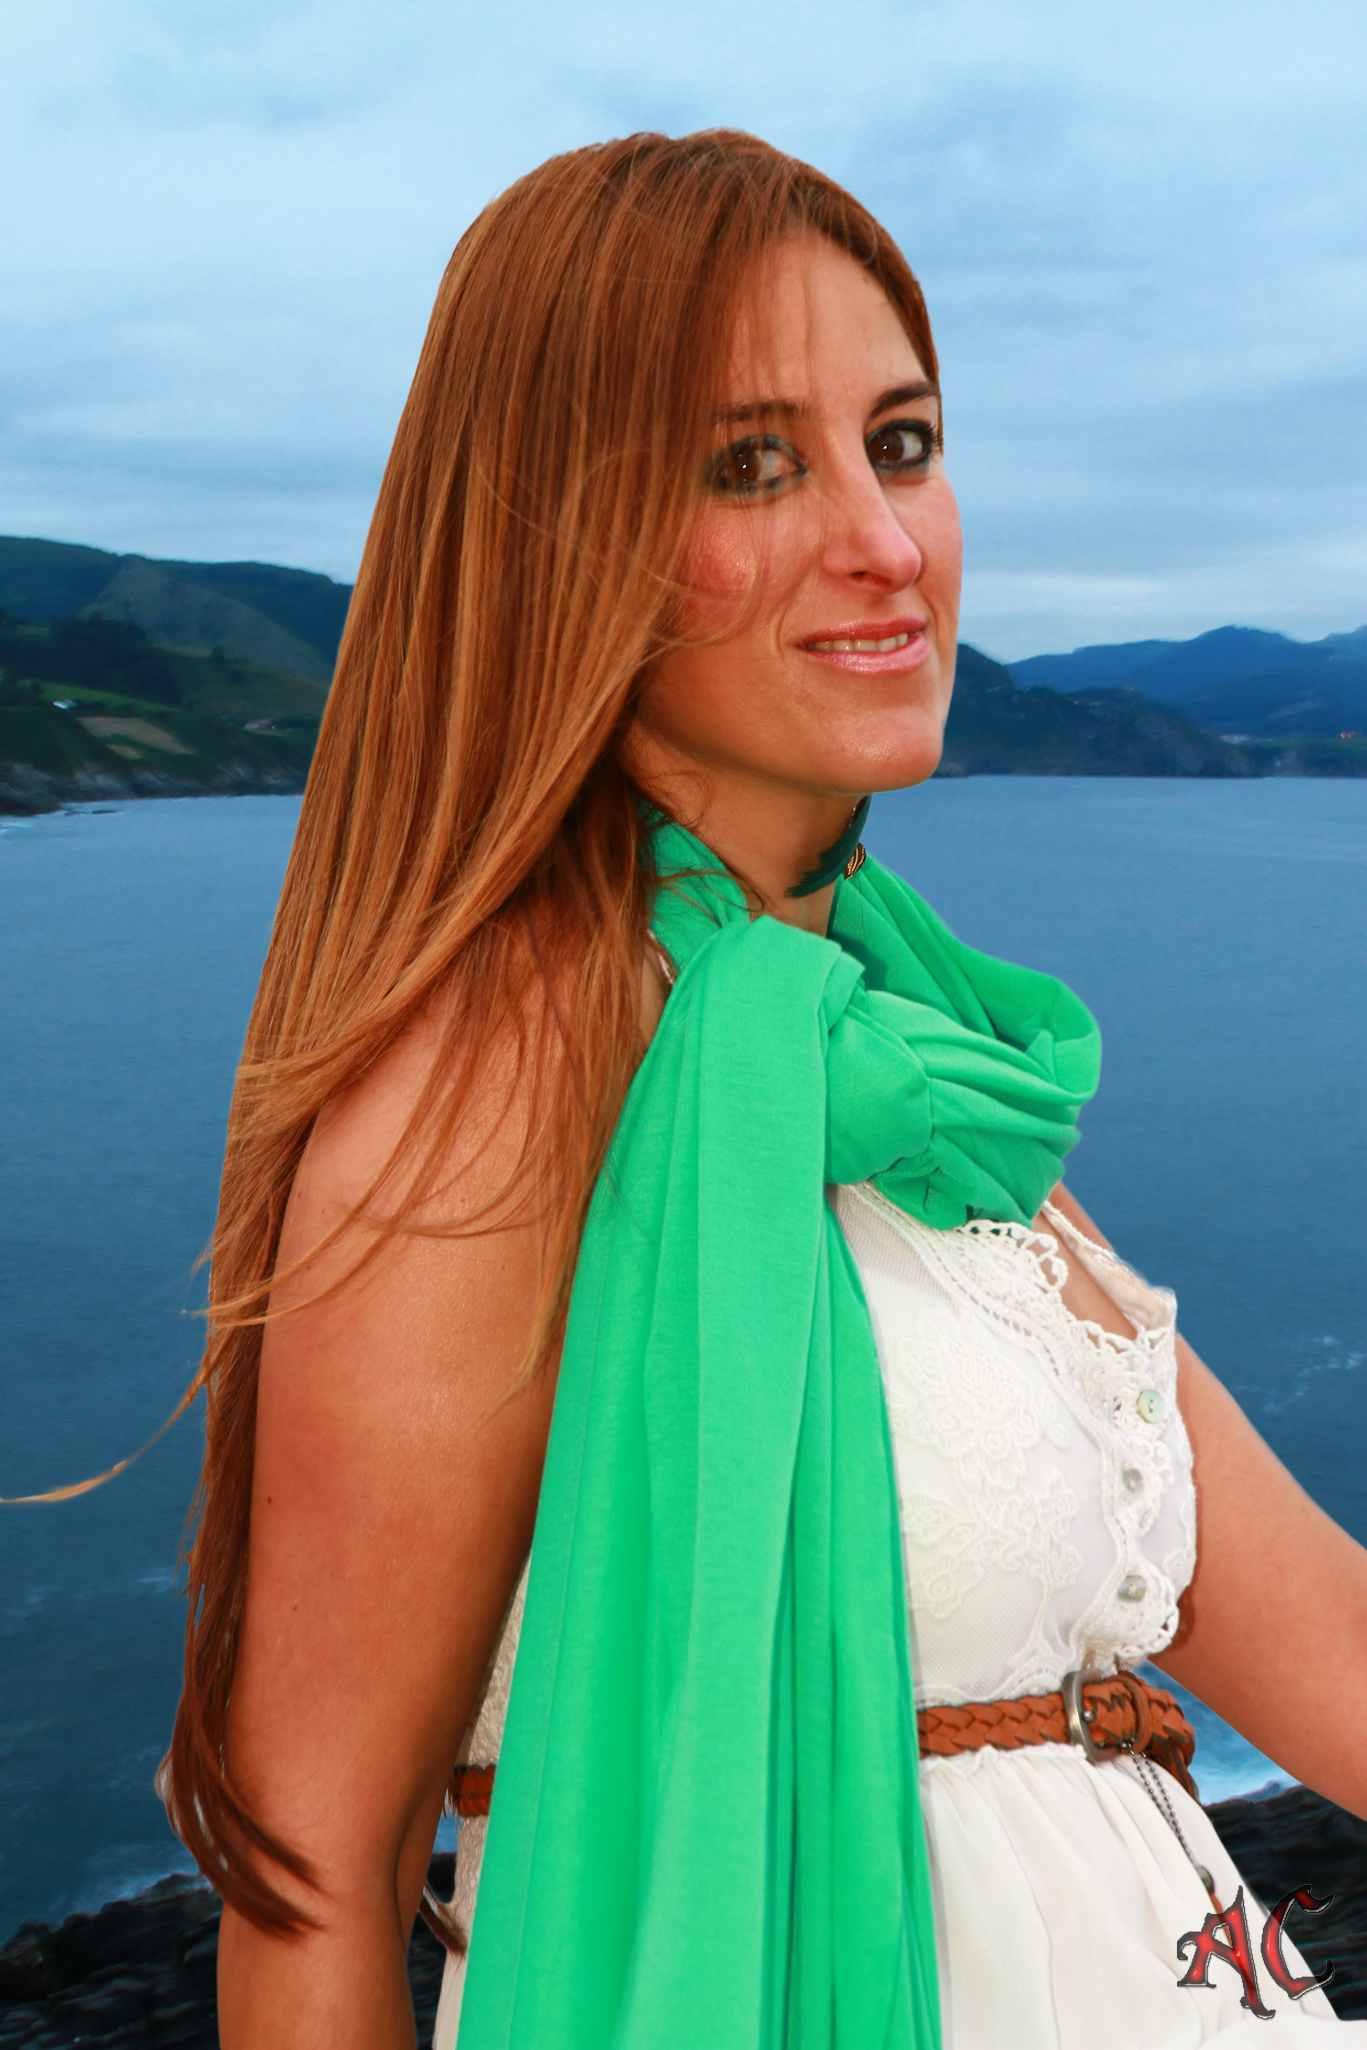 Ahinoa Perrino